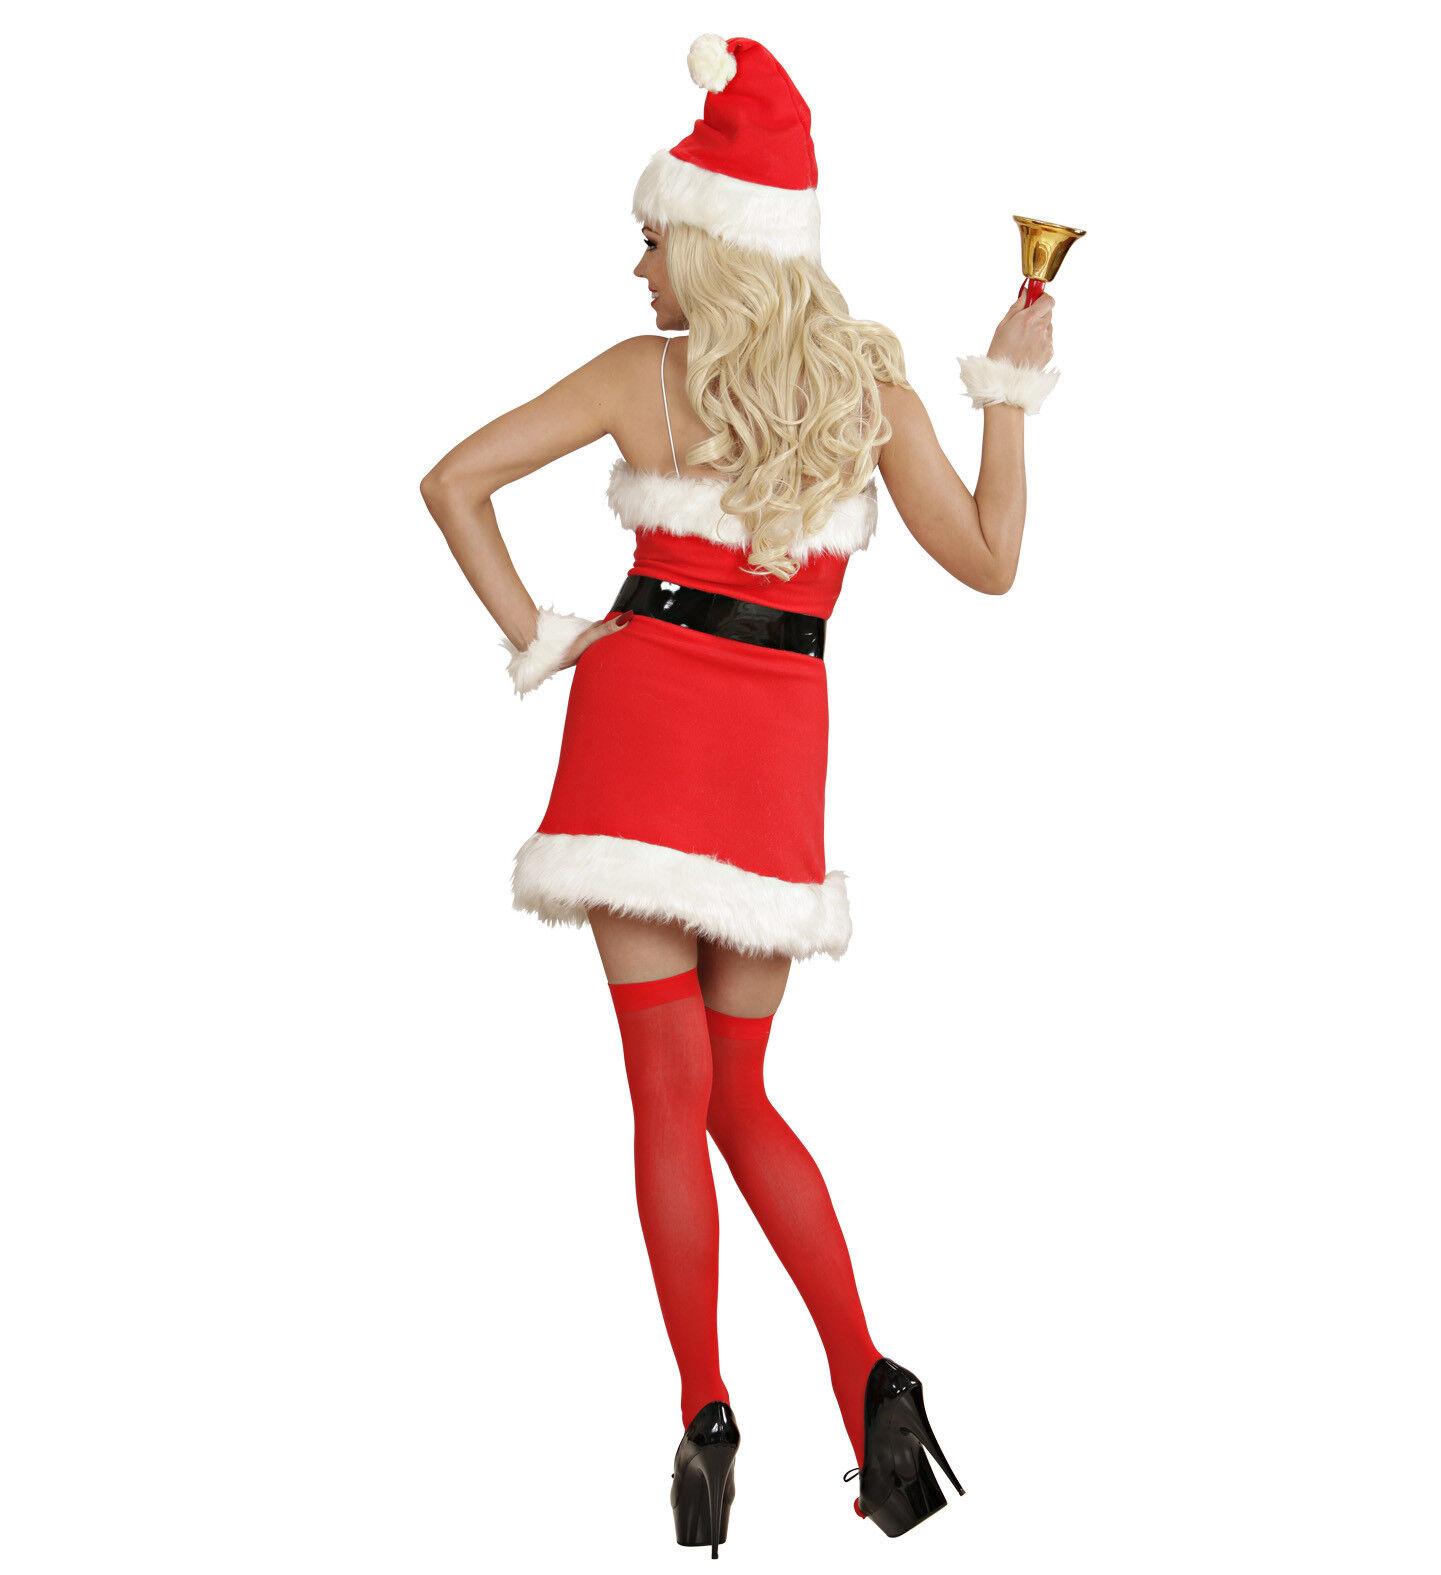 SEXY WEIHNACHTSFRAU KOSTÜM & MÜTZE Weihnachtsmann Damen Nikolaus Nikolaus Nikolaus Frau Kleid 1539 | Klein und fein  | Heißer Verkauf  | Nutzen Sie Materialien voll aus  eb2261